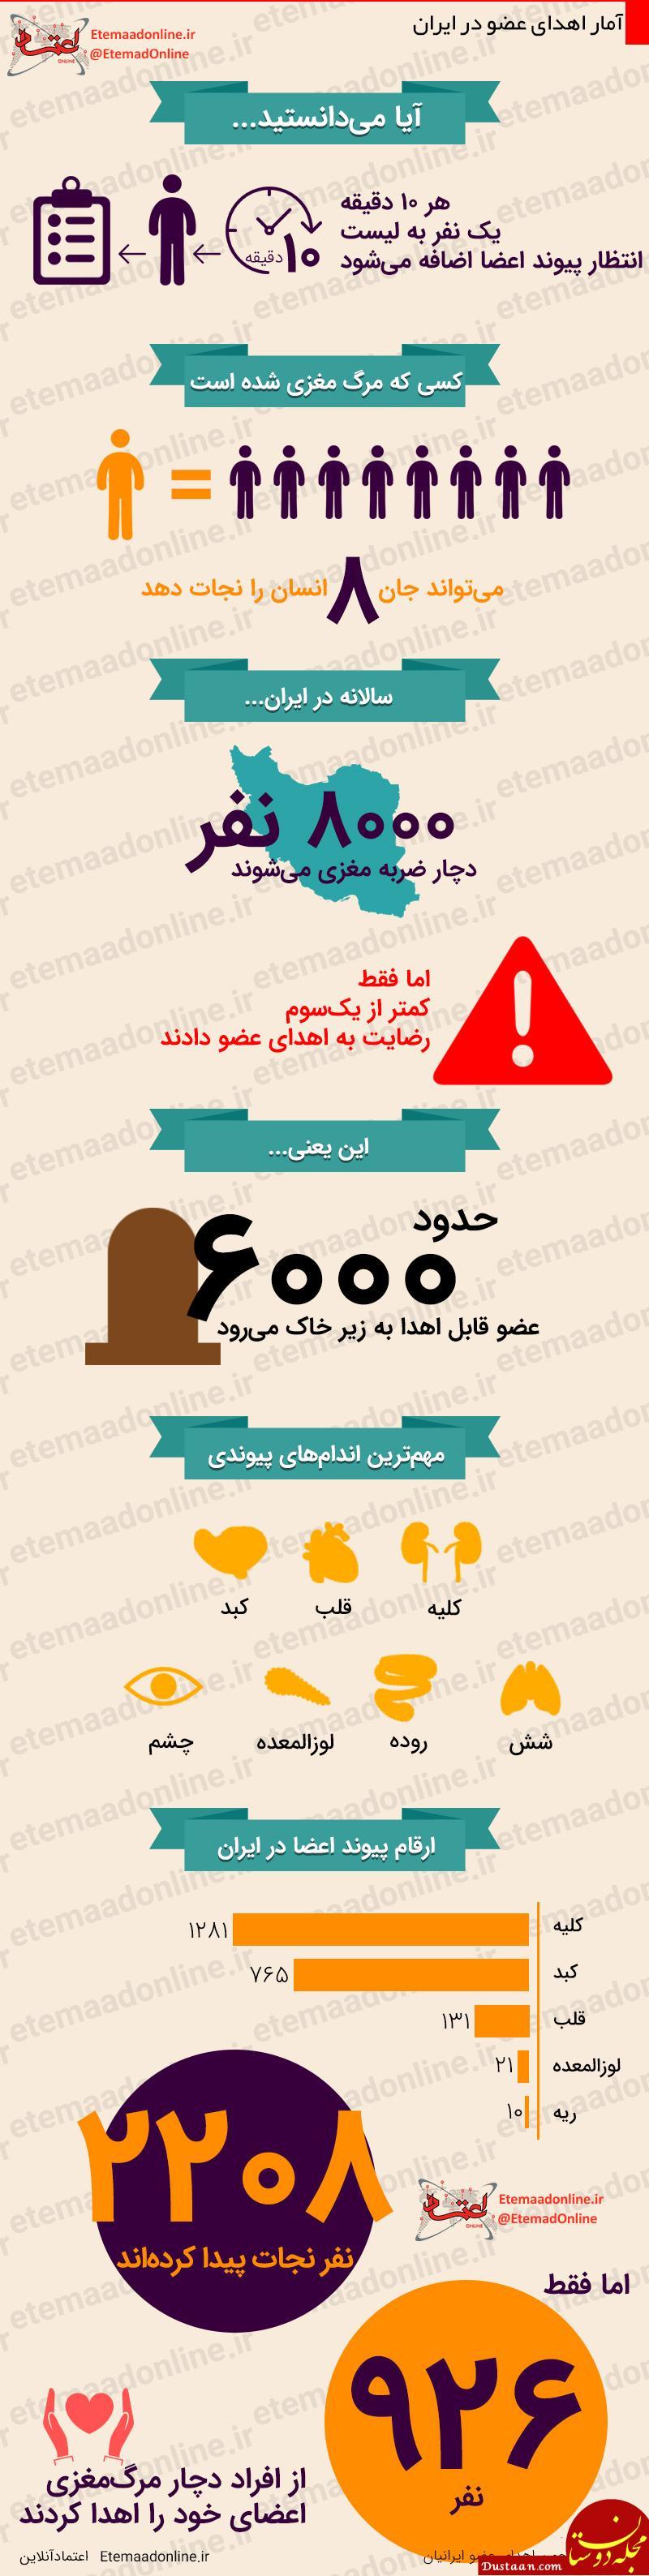 www.dustaan.com آمار اهدای عضو در ایران +اینفوگرافیک